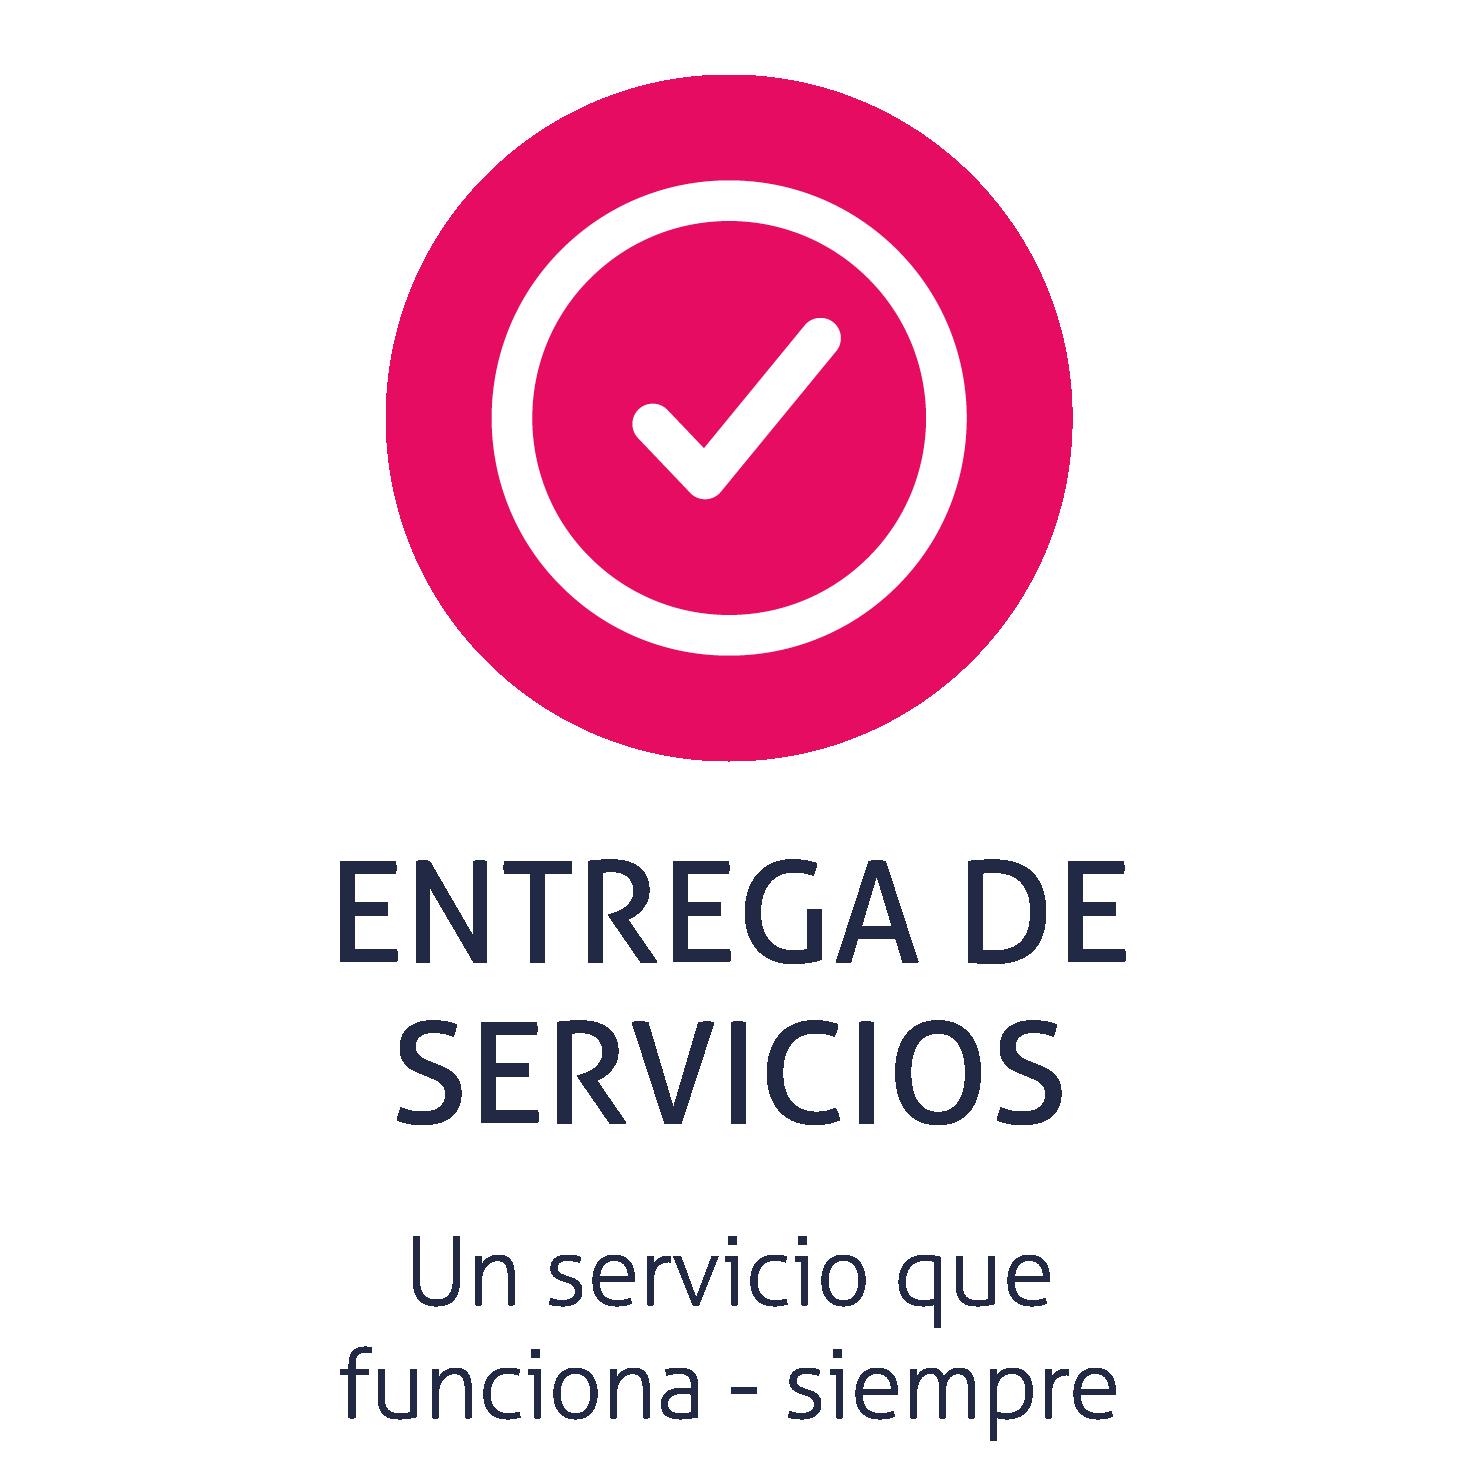 Un servicio que funciona - siempre